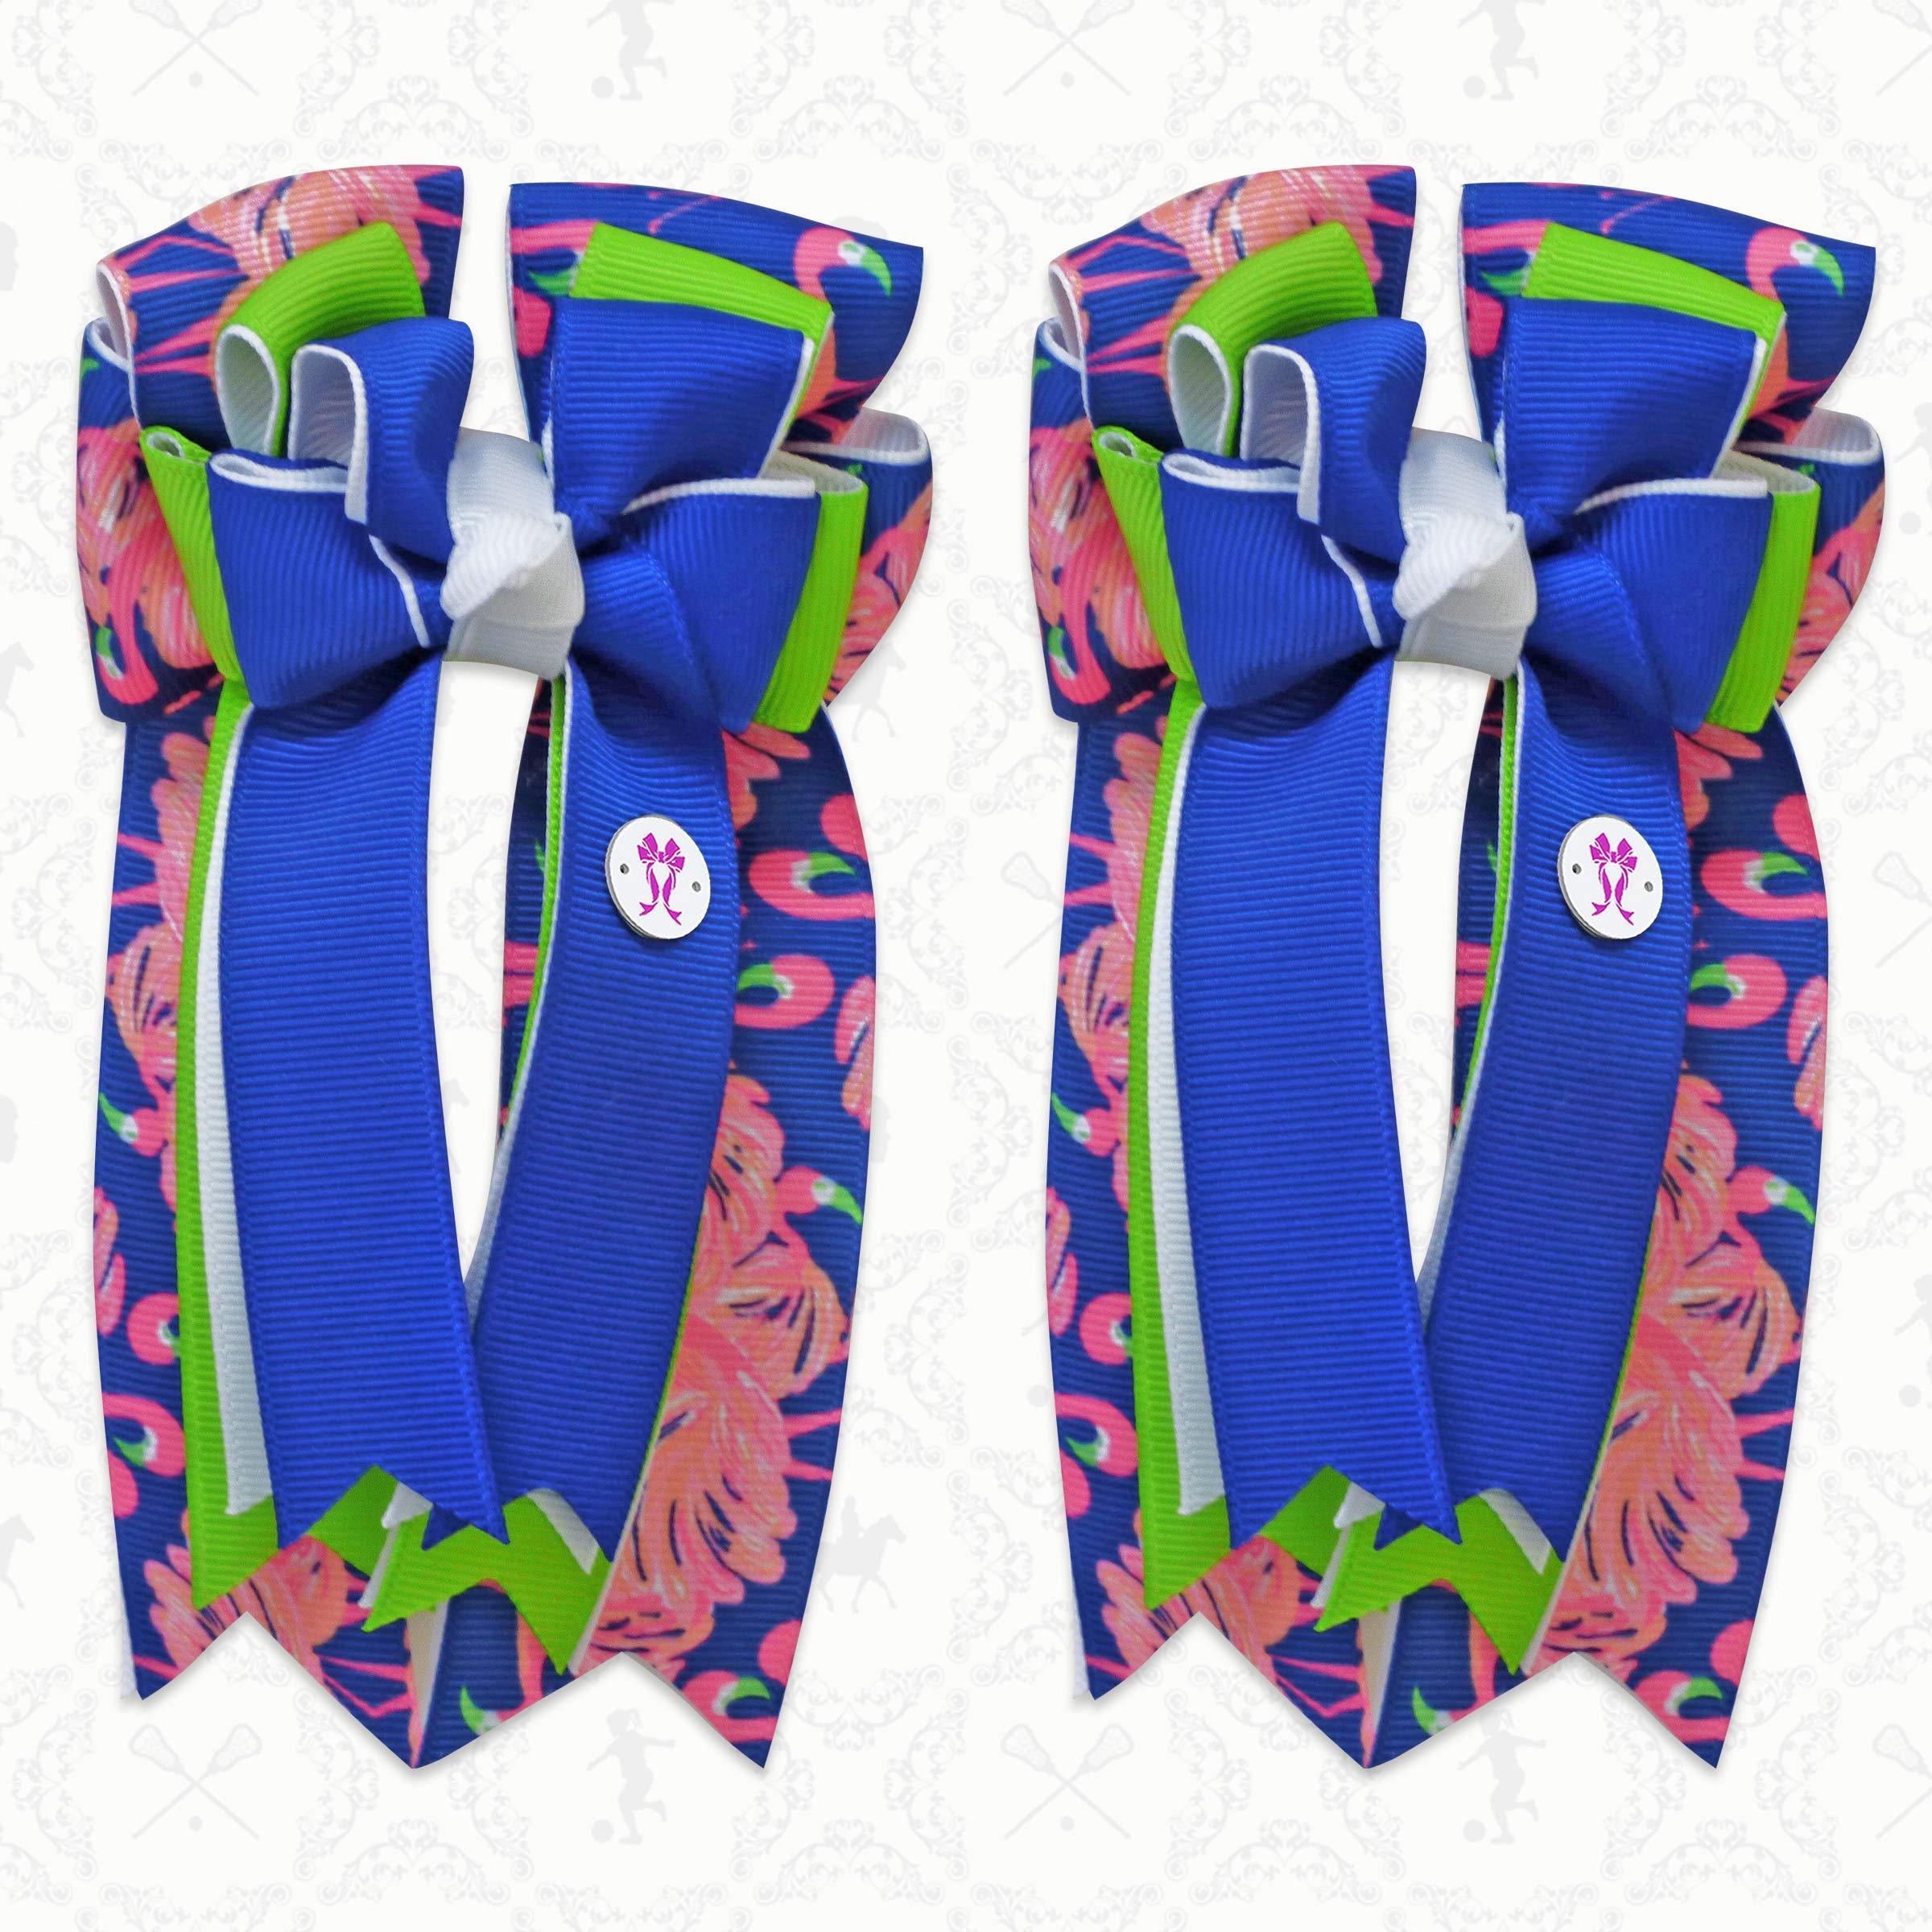 PonyTail Bows Equestrian Show Bow Set - Premium Handmade (Flamingo)